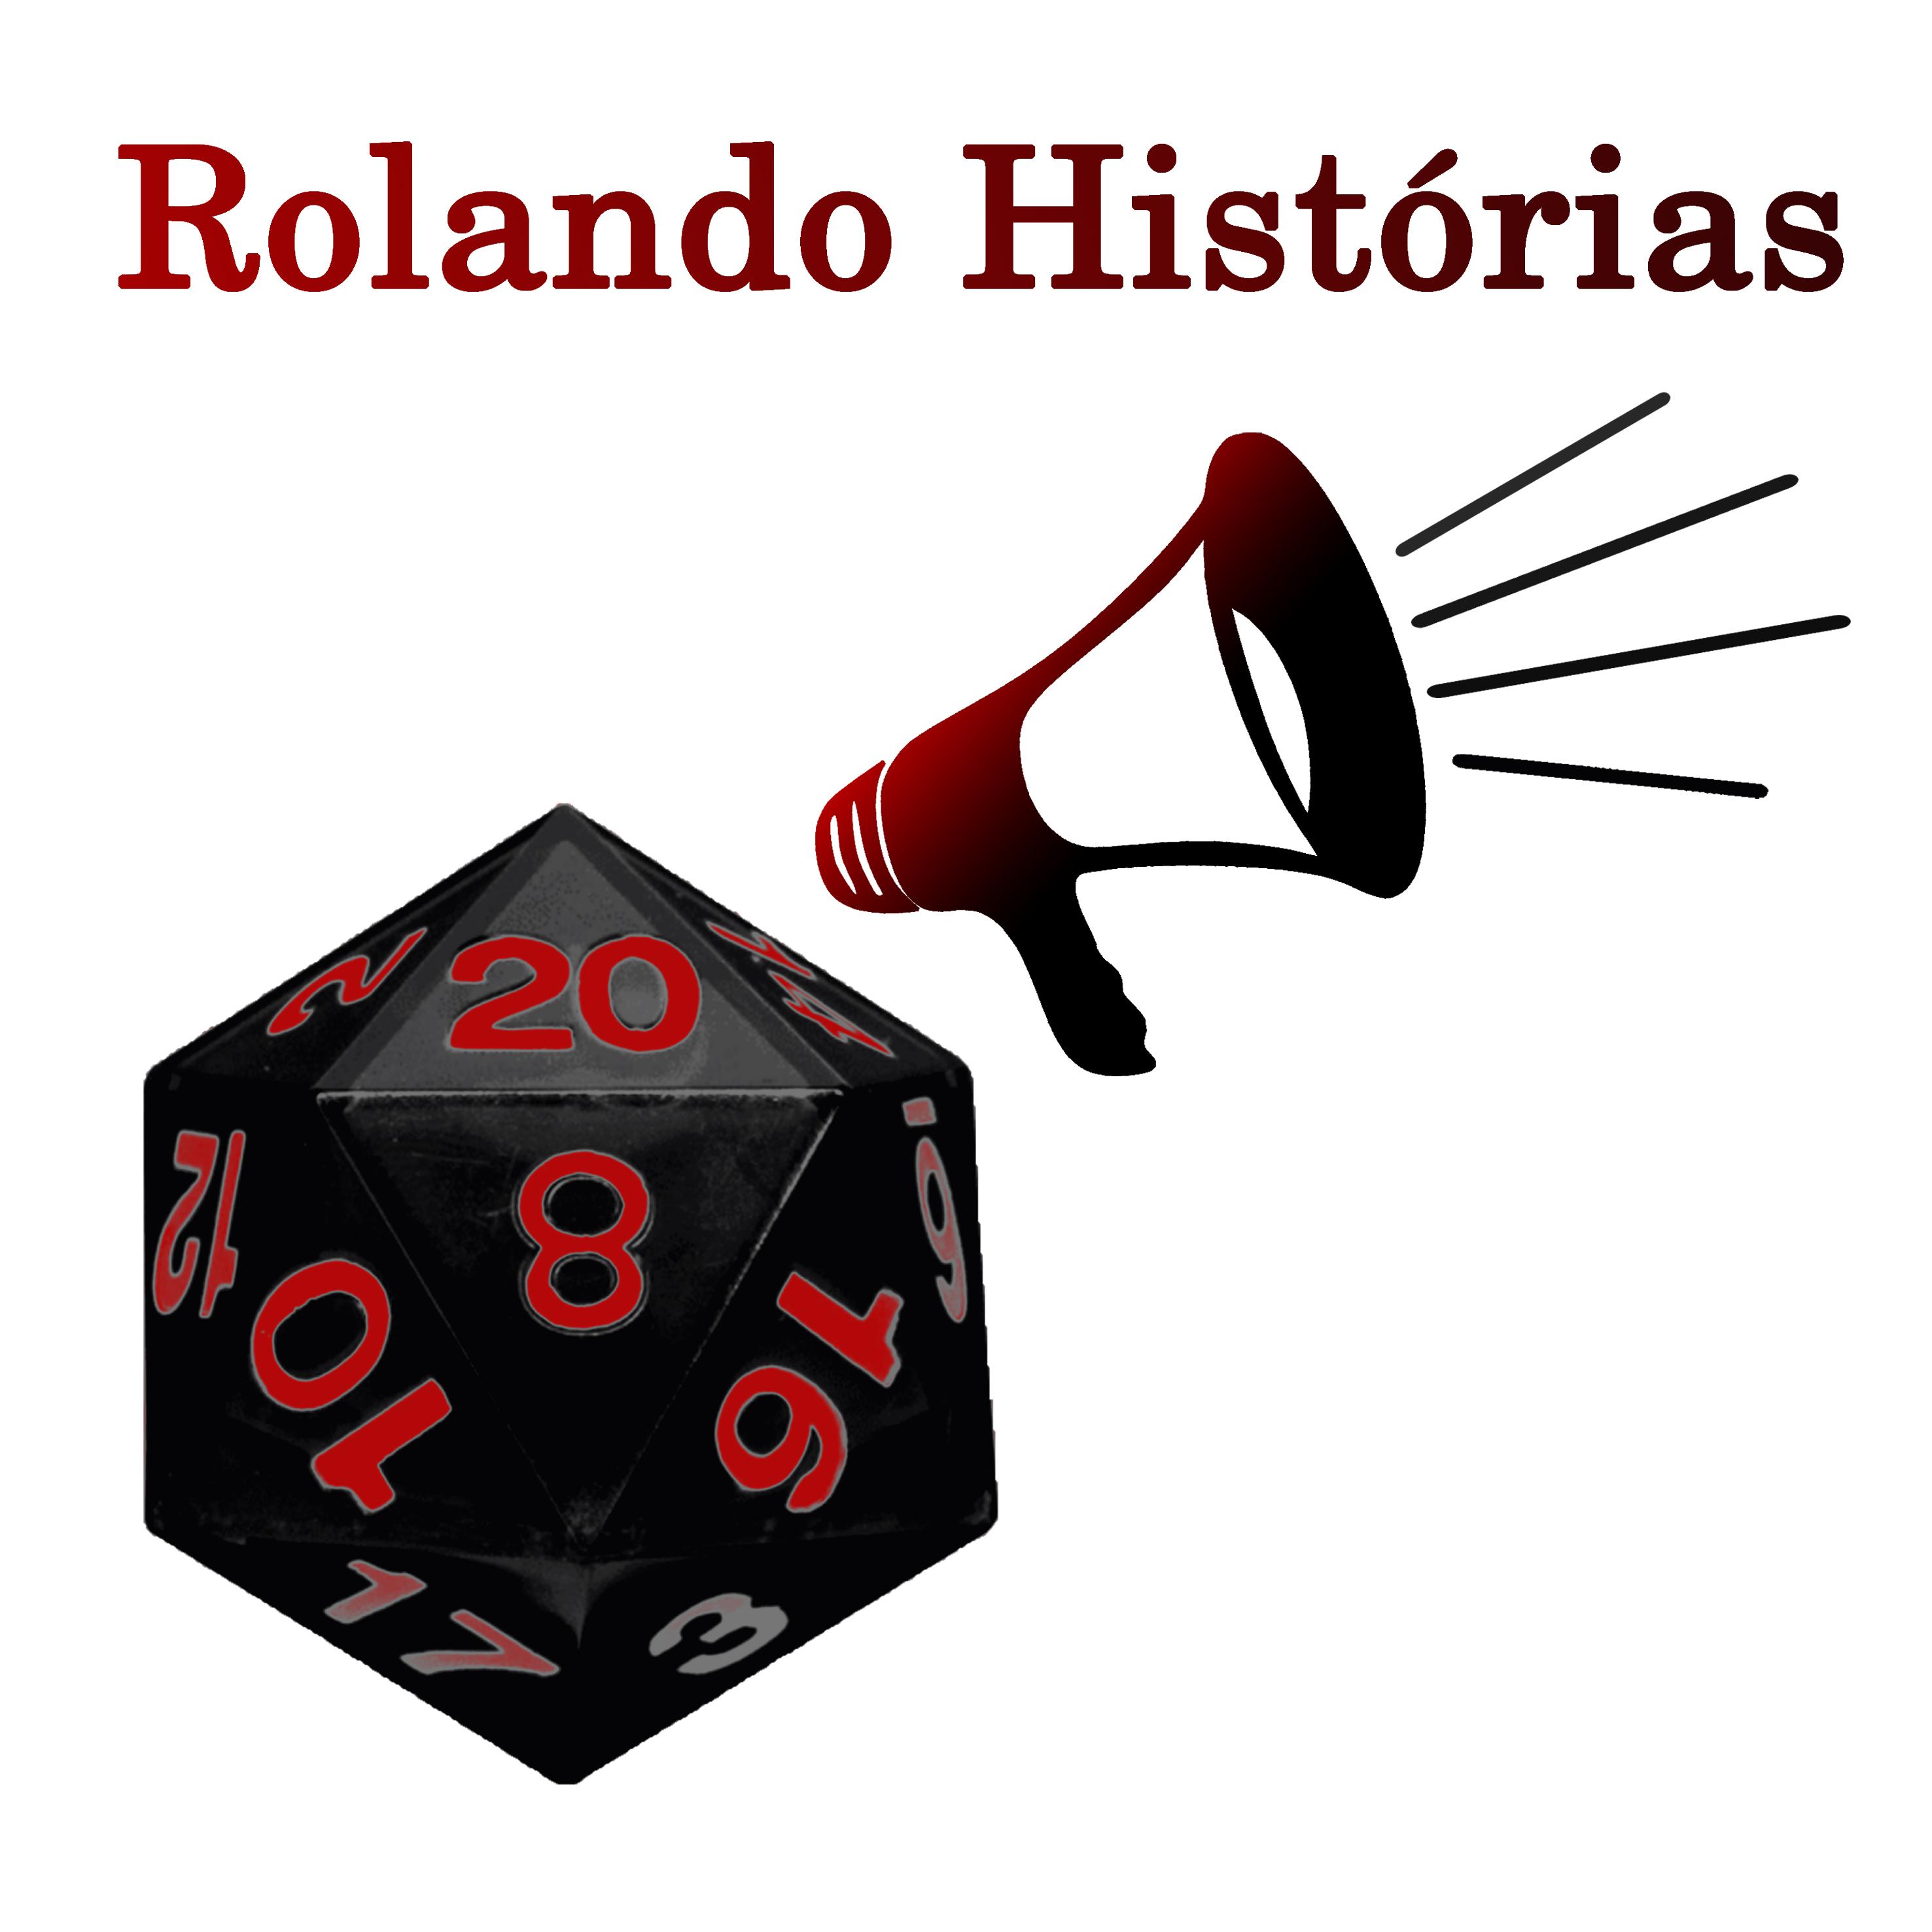 Rolando historias